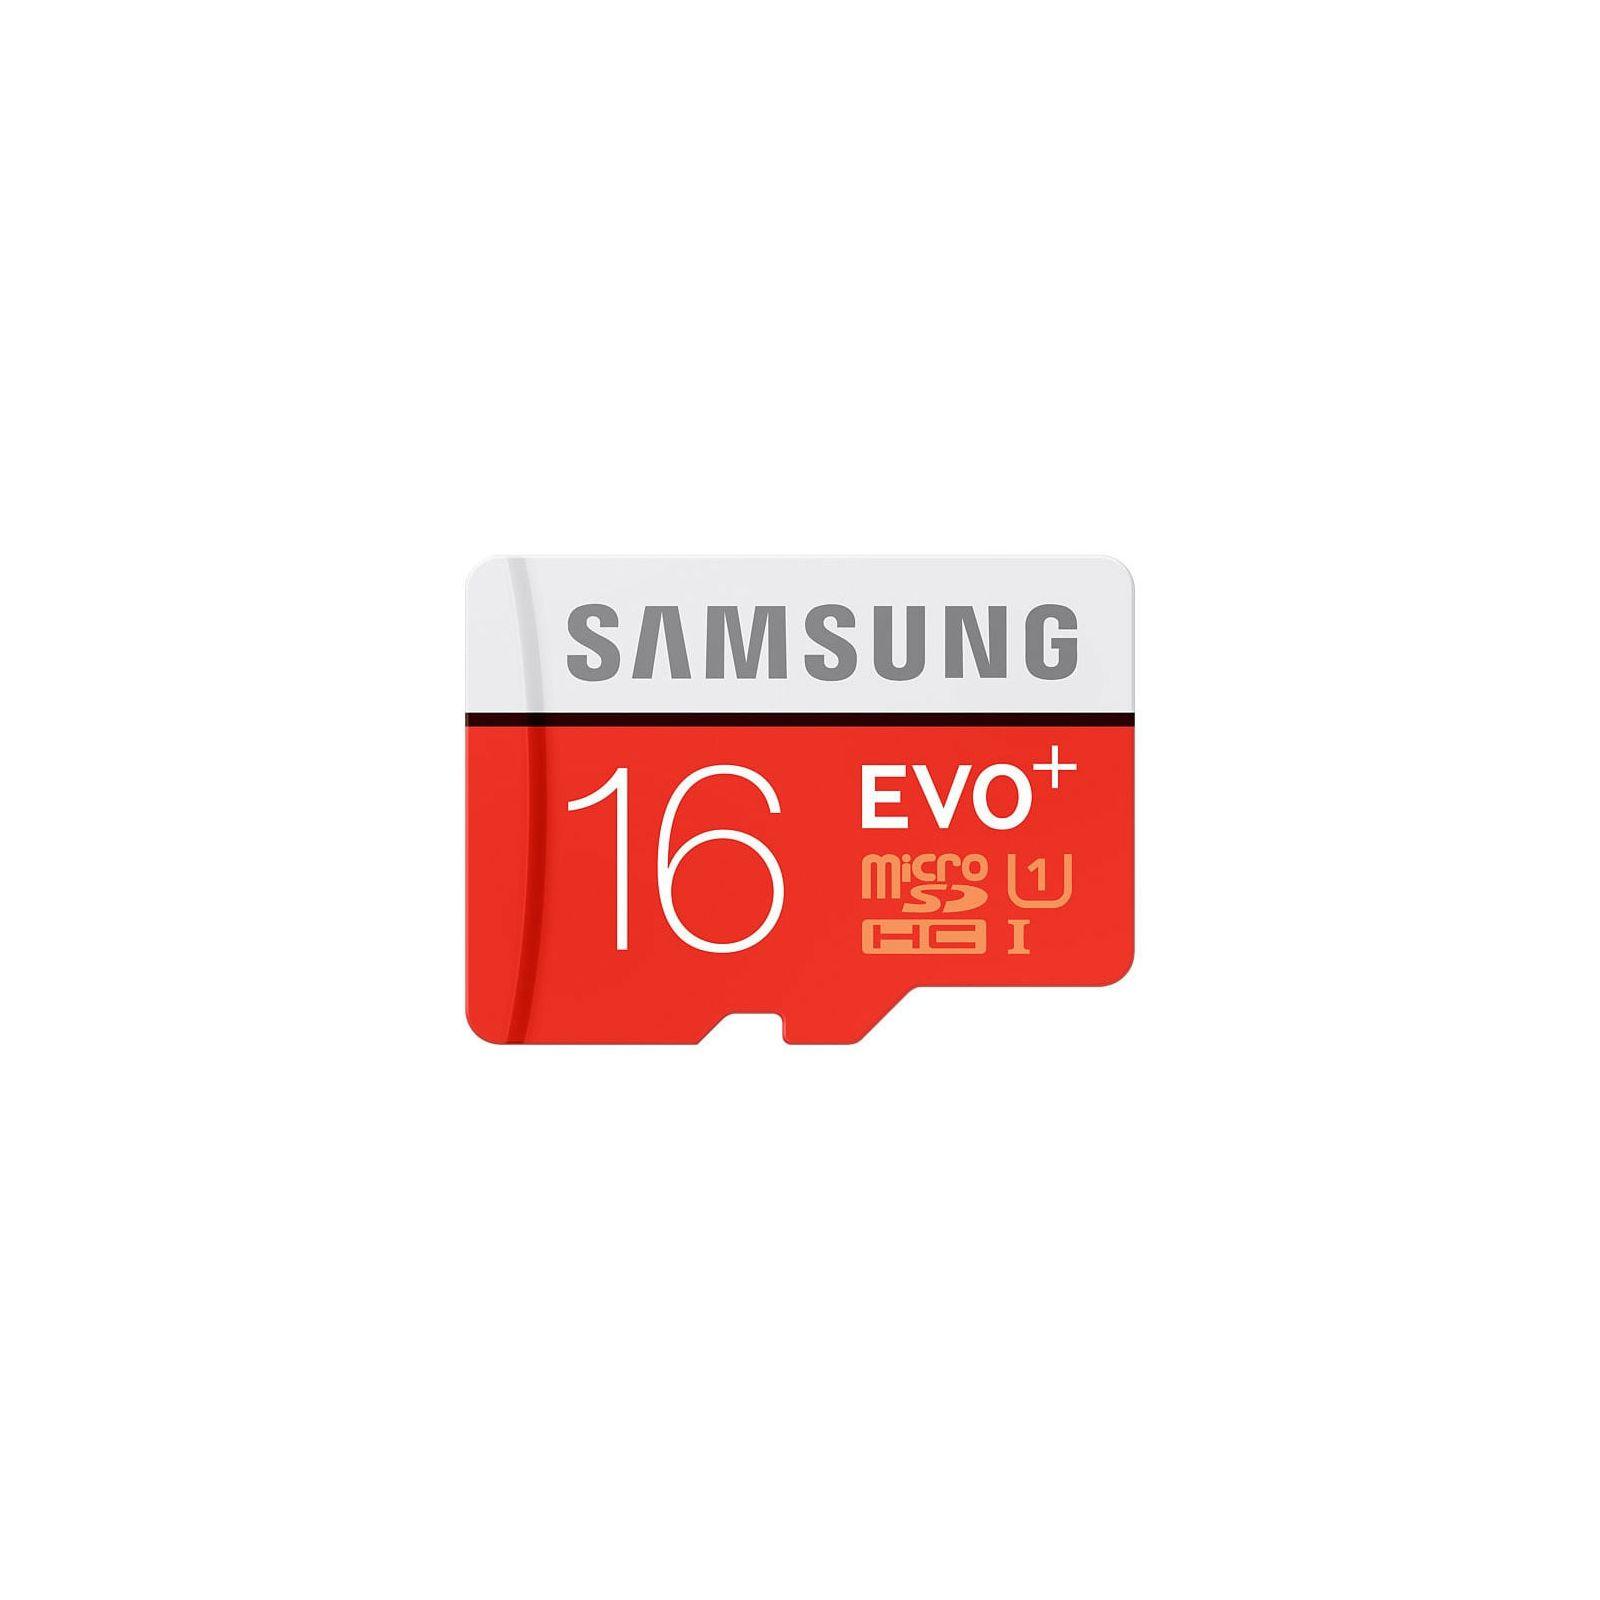 Carte micro SDXC Samsung EVO+ - 128 Go - Classe 10/UHS-I (U1)